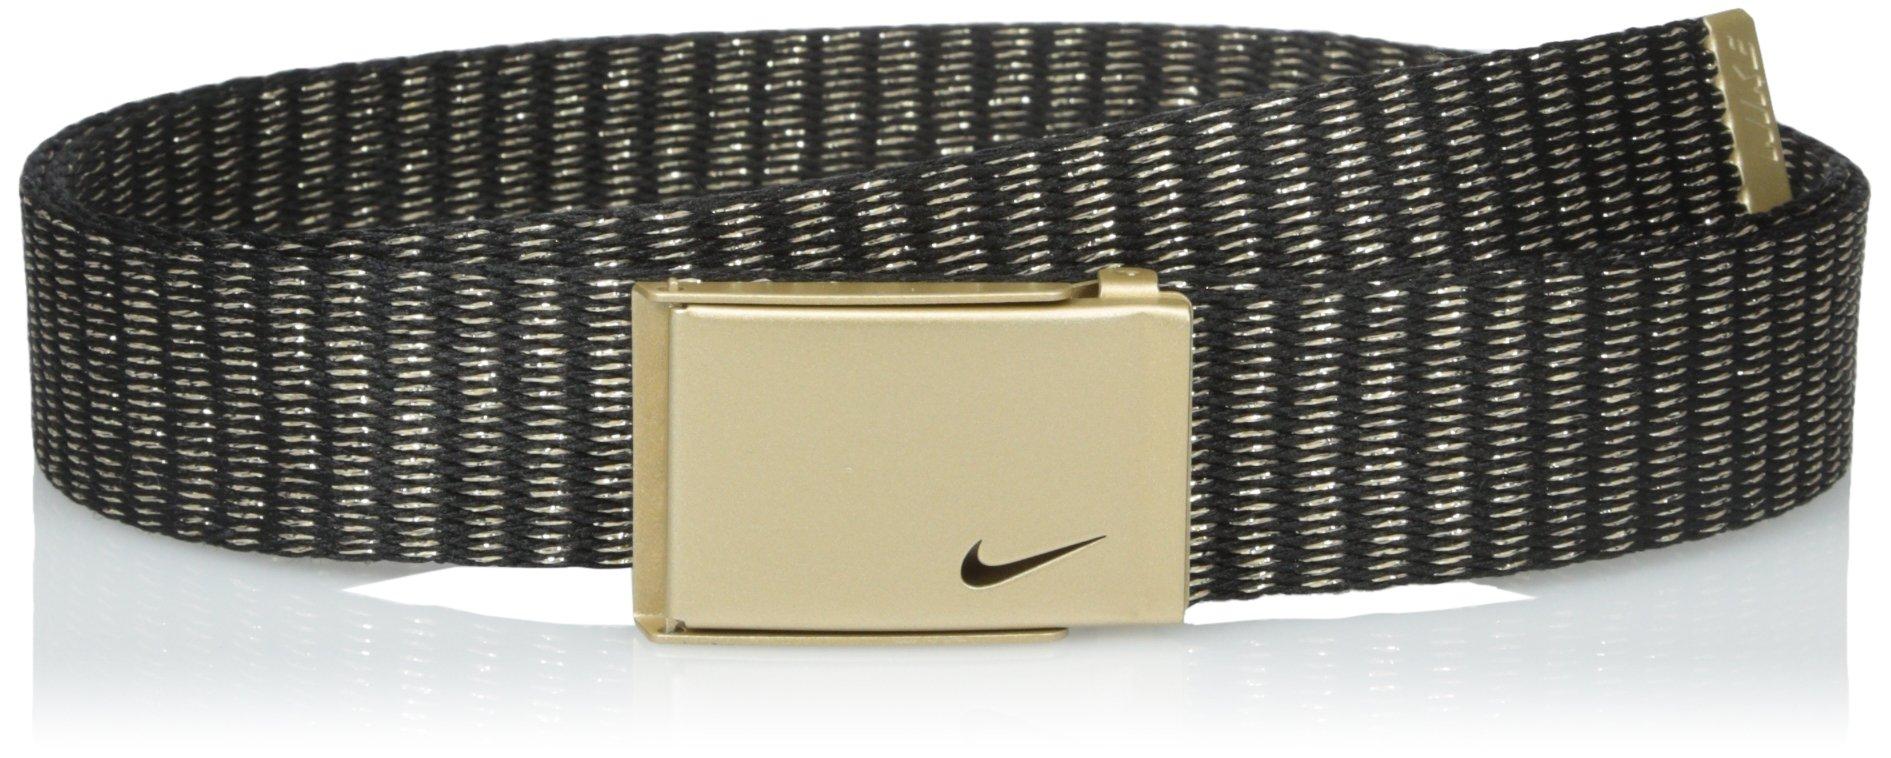 Nike Women's Lurex Single Web Belt, Gold, One Size